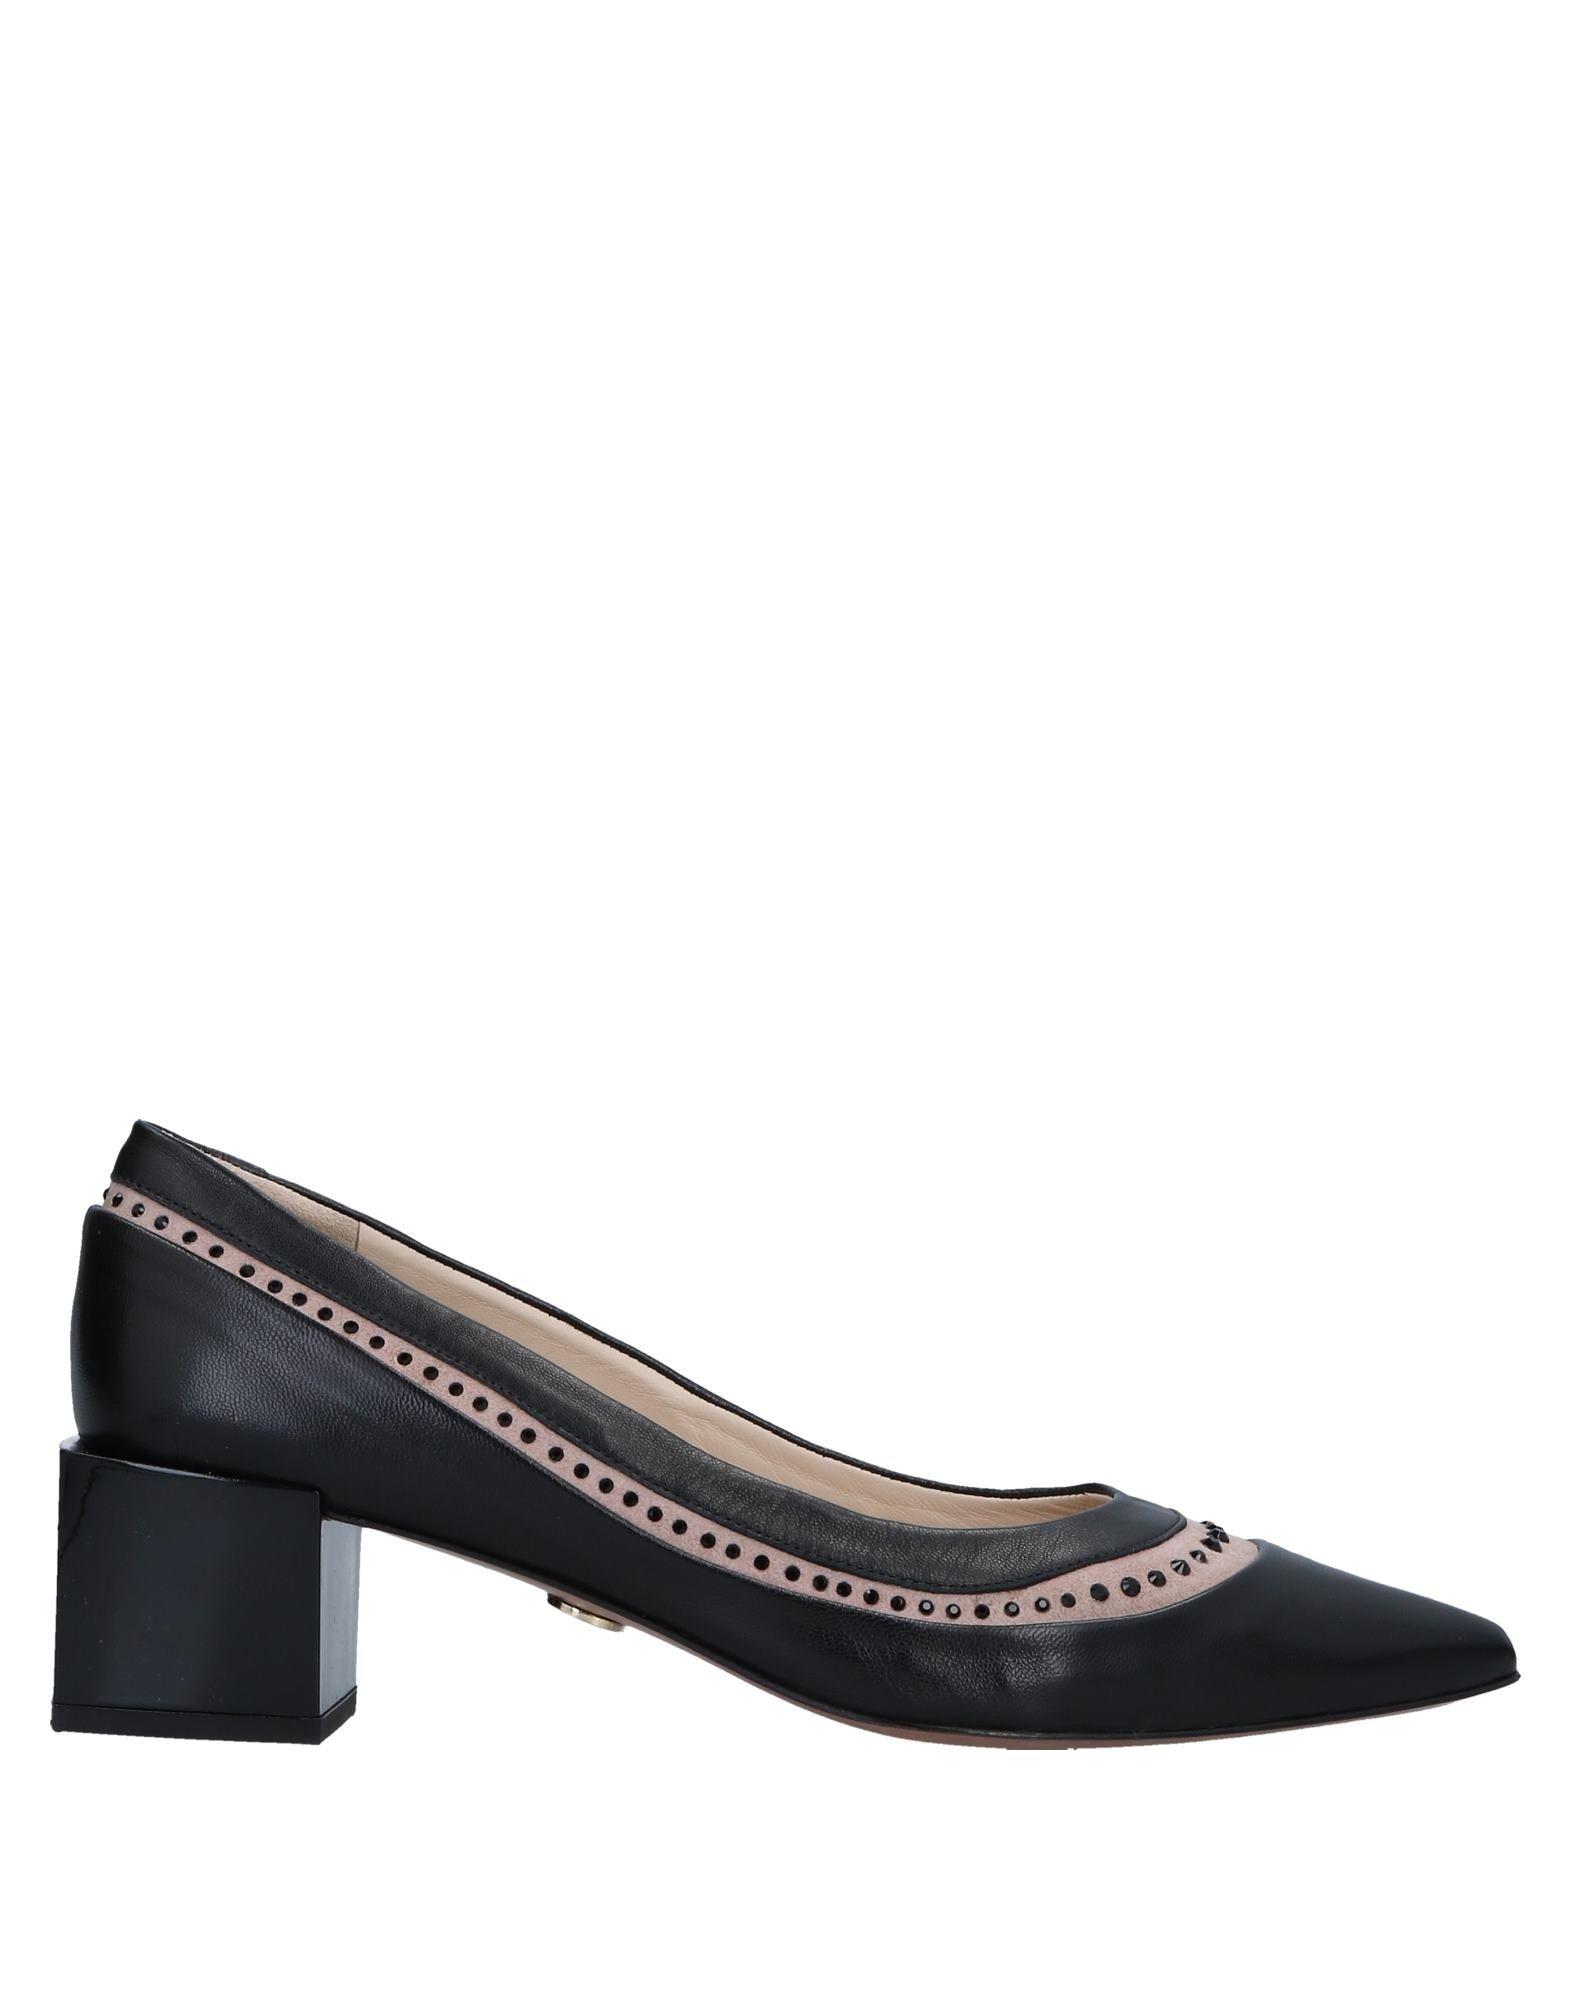 Escarpins Leie Femme - Escarpins Leie Bleu-gris Les chaussures les plus populaires pour les hommes et les femmes